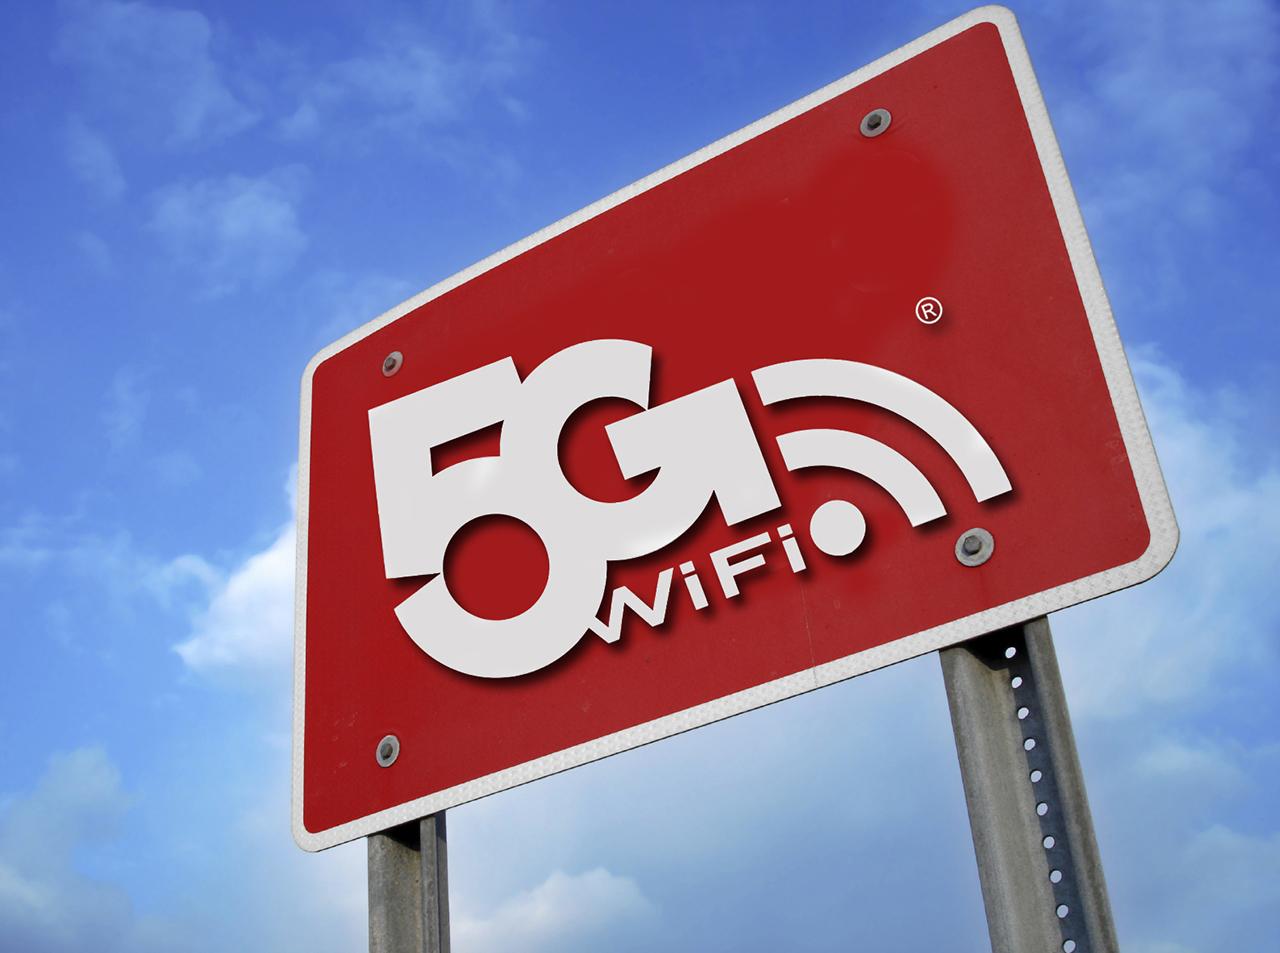 5G+中报预增一览,7股业绩预增100%以上